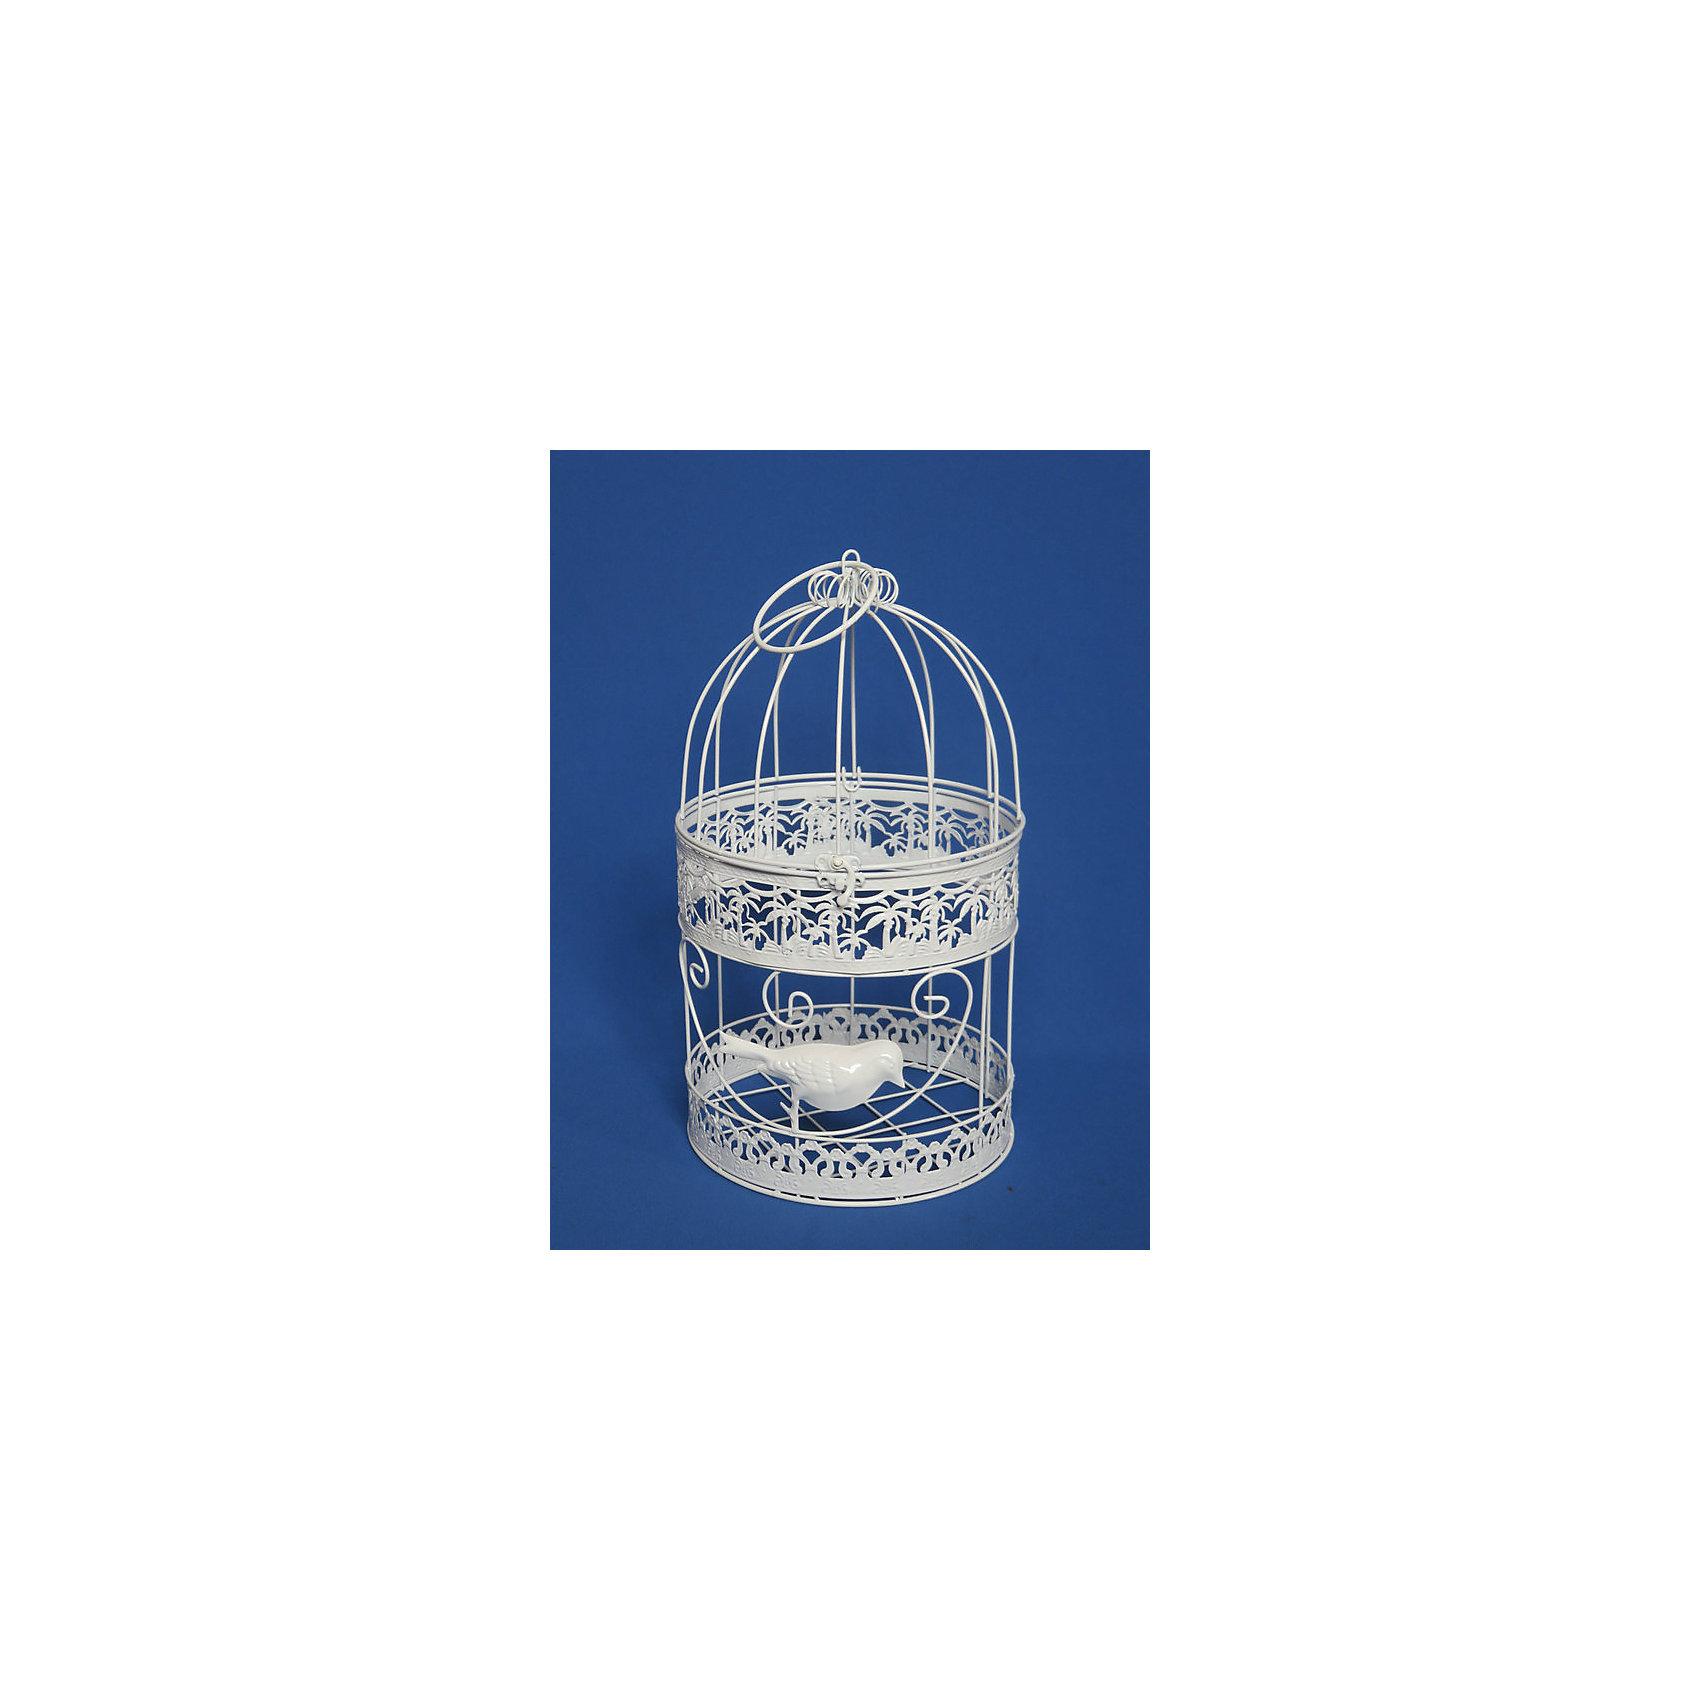 Клетка декоративная Белая птица из черного окрашенного металлаПредметы интерьера<br>Характеристики декоративной клетки Белая птица из черного окрашенного металла:<br><br>• комплектация: клетка<br>• тип: подвесное украшение<br>• состав: металл 100%<br>• габариты предмета: 8 х 8 х 14 см<br>• размер упаковки: 15х9х9см. <br>• страна бренда: Россия<br>• страна производитель: Китай<br><br>Декоративная клетка поможет создать дух прованса в интерьере. Как правило белые или окрашенные с эффектом состаривания декоративные клетки можно использовать как основу для цветочной композиции, декоративный подсвечник, место хранения любимых книг или почтовой корреспонденции, место для обитания суккулентов, люстру или ночник на прикроватной тумбочке, место для хранения антикварных вещиц или бижутерии и многое другое.<br><br>Клетку декоративную Белая птица из черного окрашенного металла можно купить в нашем интернет-магазине.<br><br>Ширина мм: 190<br>Глубина мм: 190<br>Высота мм: 340<br>Вес г: 468<br>Возраст от месяцев: 36<br>Возраст до месяцев: 2147483647<br>Пол: Унисекс<br>Возраст: Детский<br>SKU: 5479421